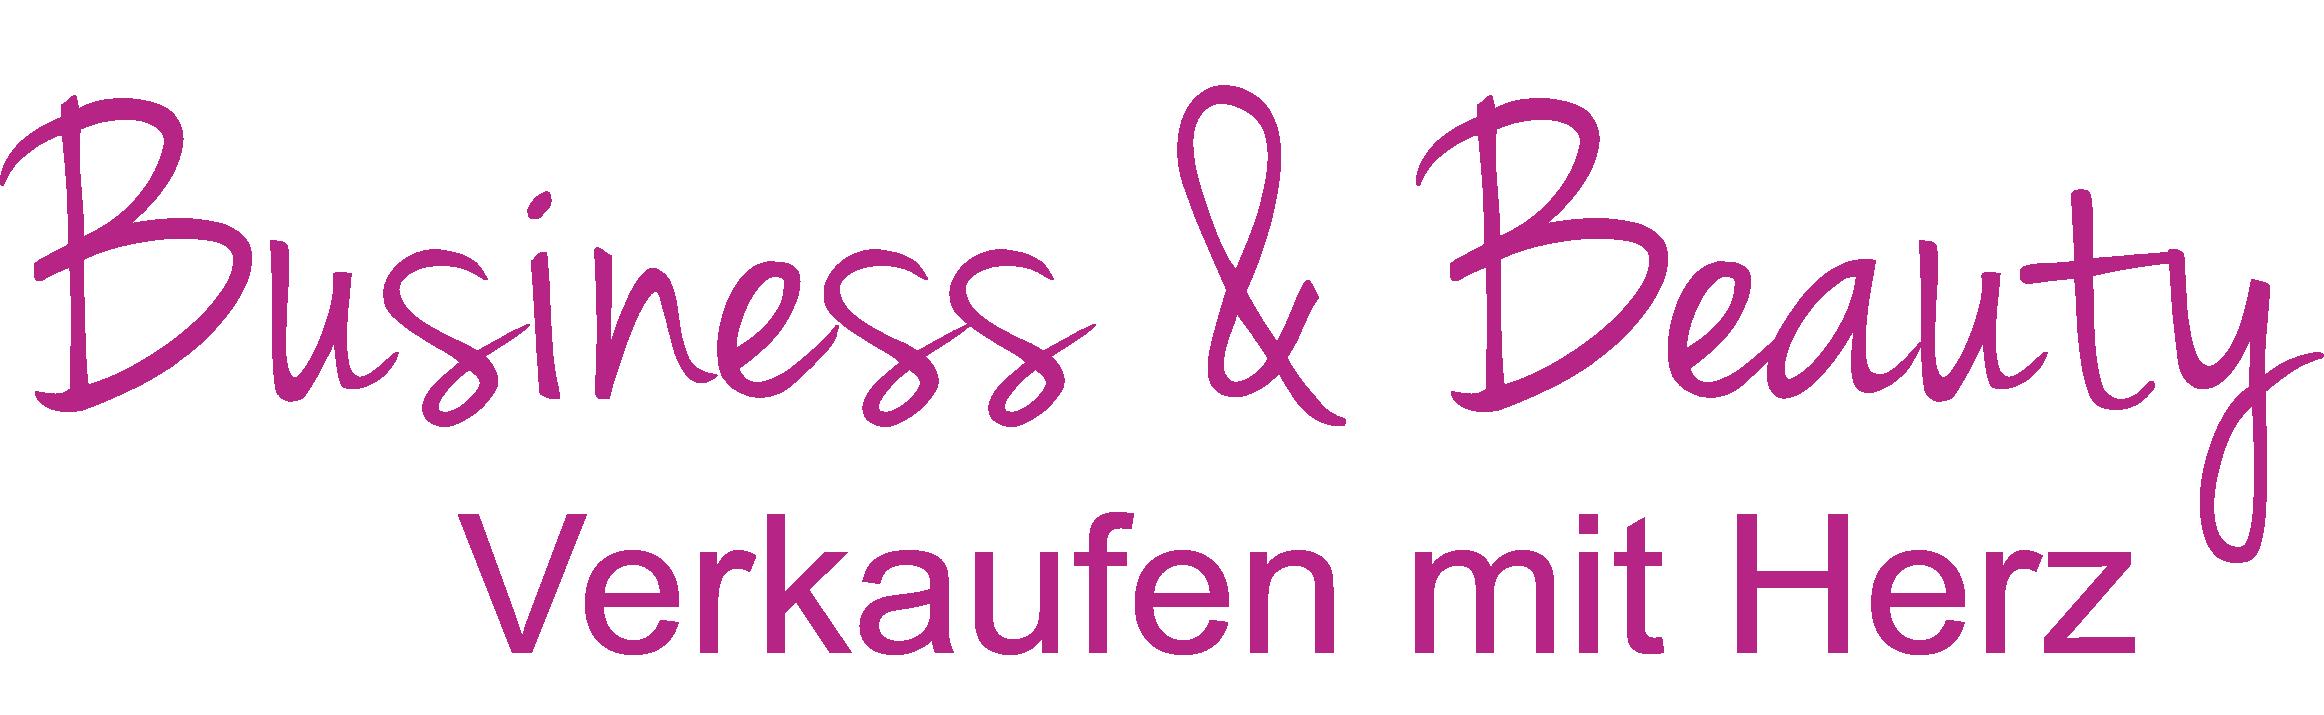 Business & Beauty -  Das Erfolgskonzept für Kosmetikerinnen